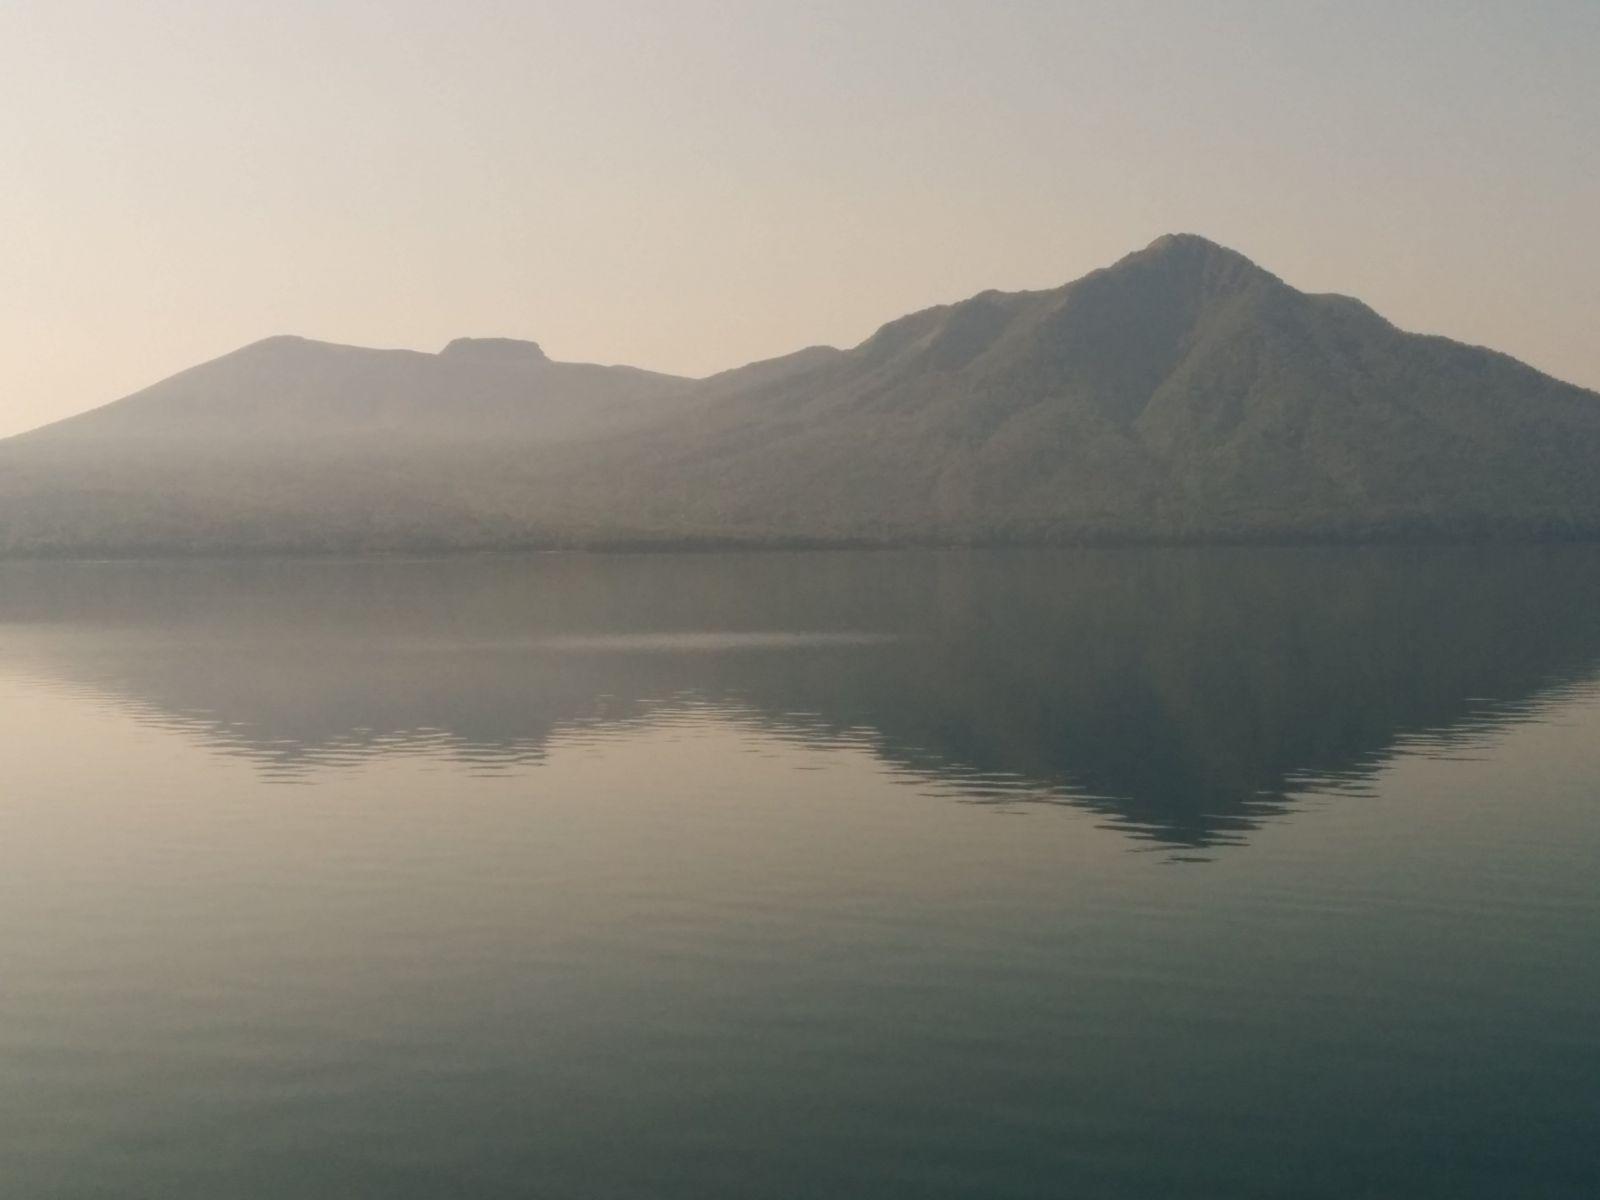 【支笏湖】支笏湖周辺観光案内です。